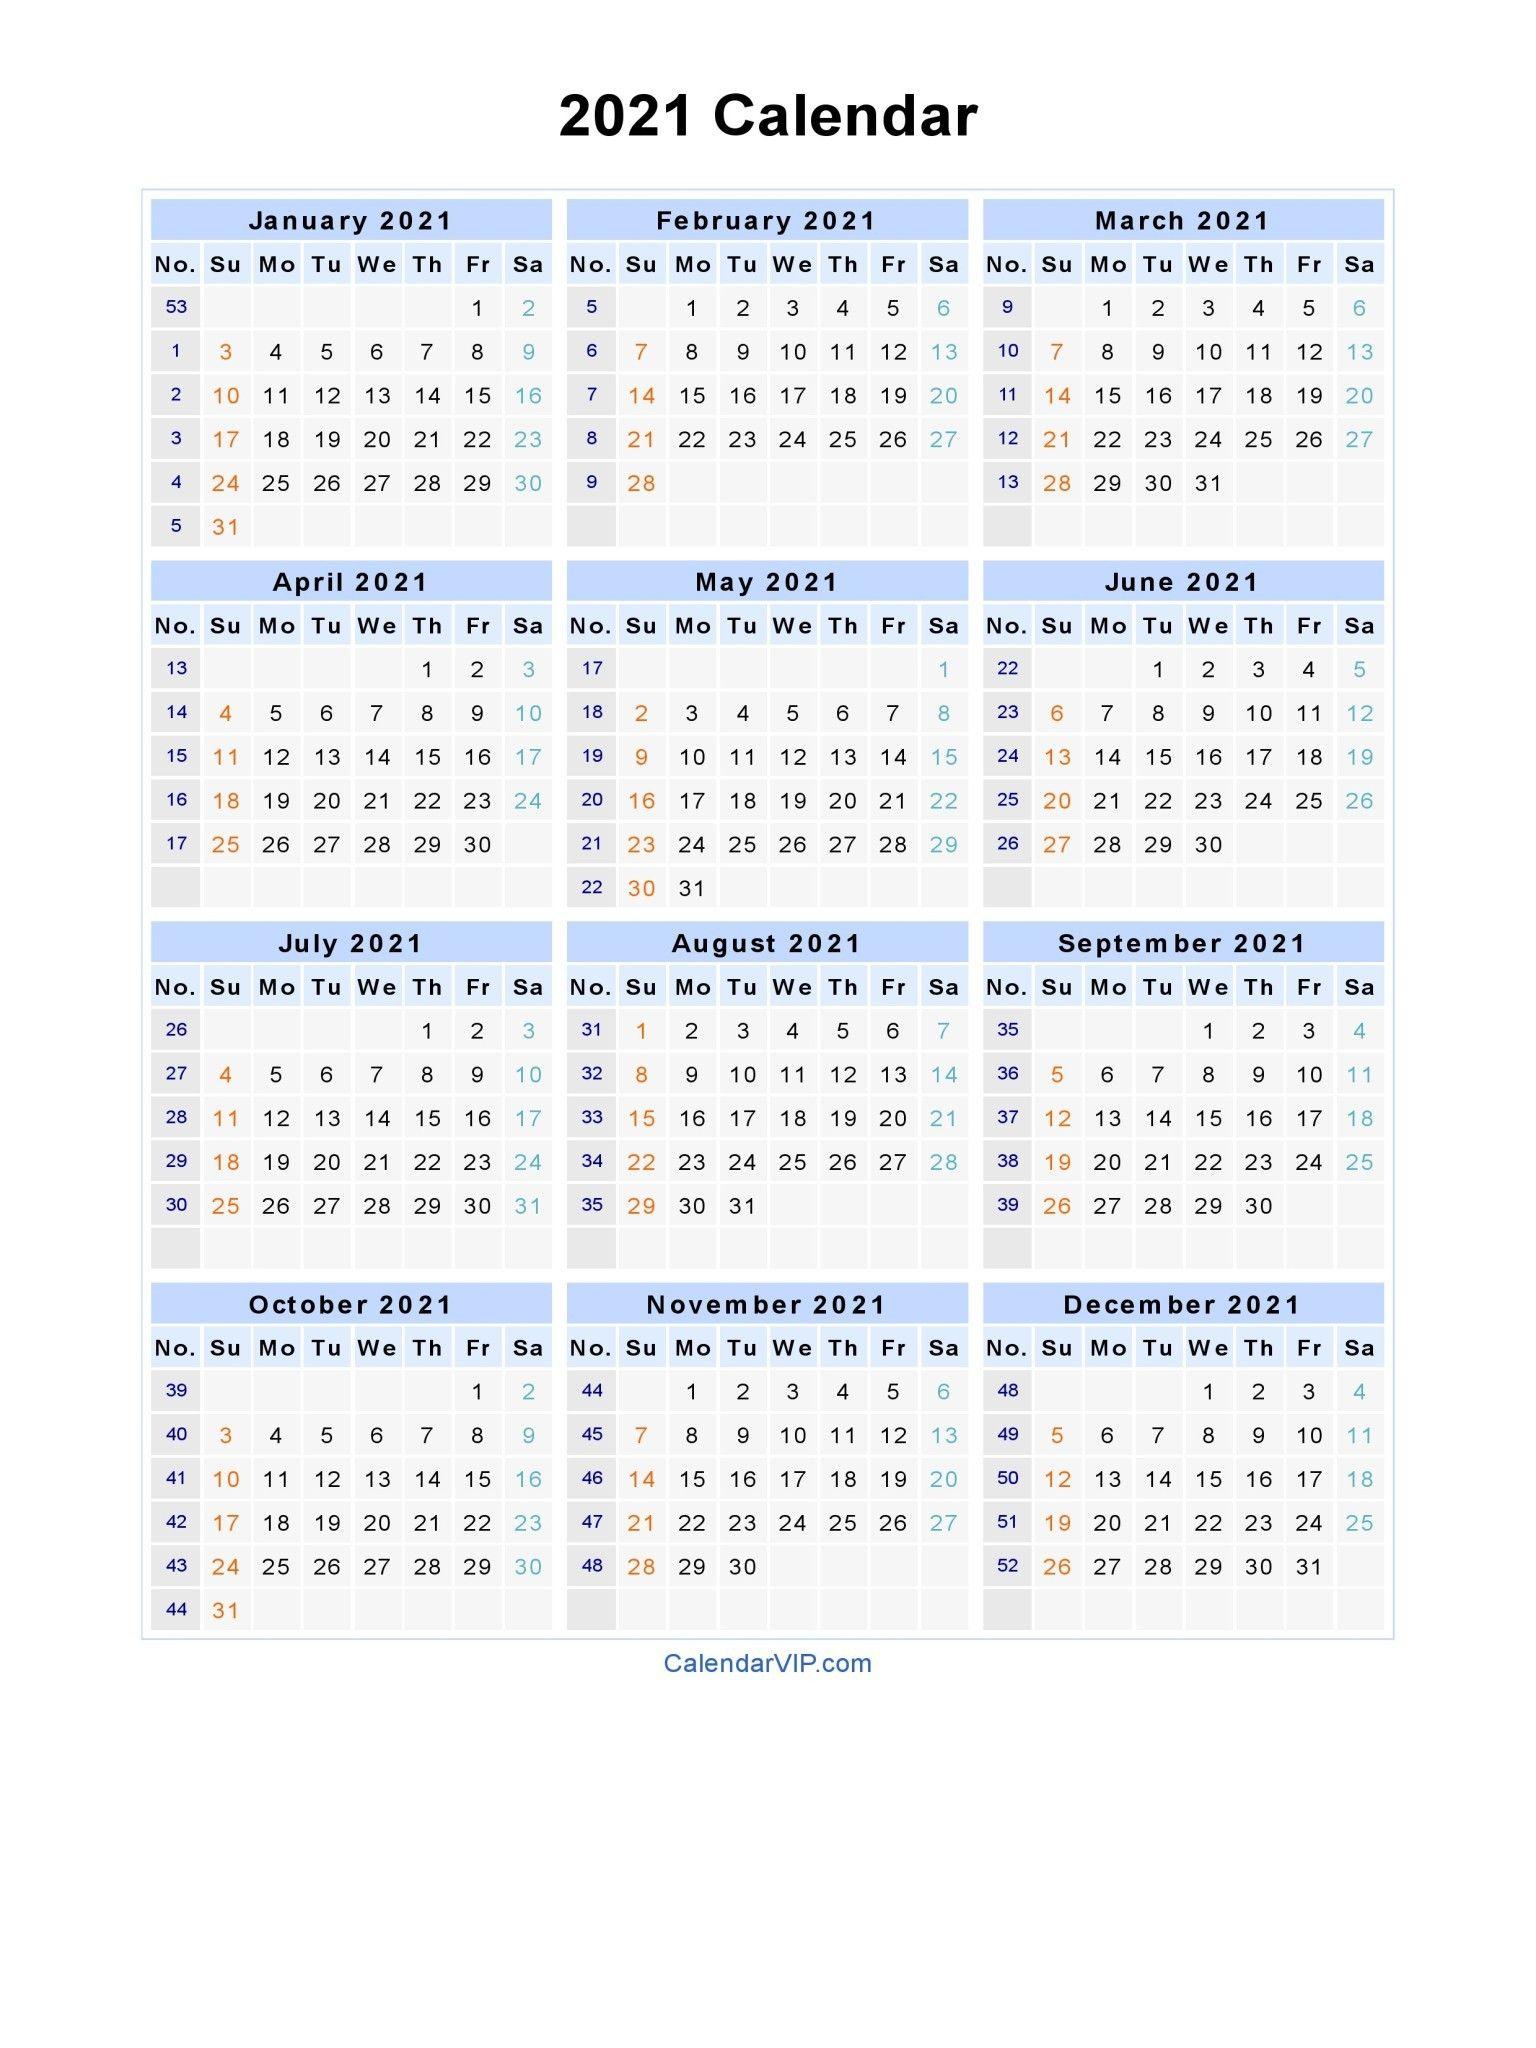 Template Excel 2021 Calendar With Week Numbers Printable